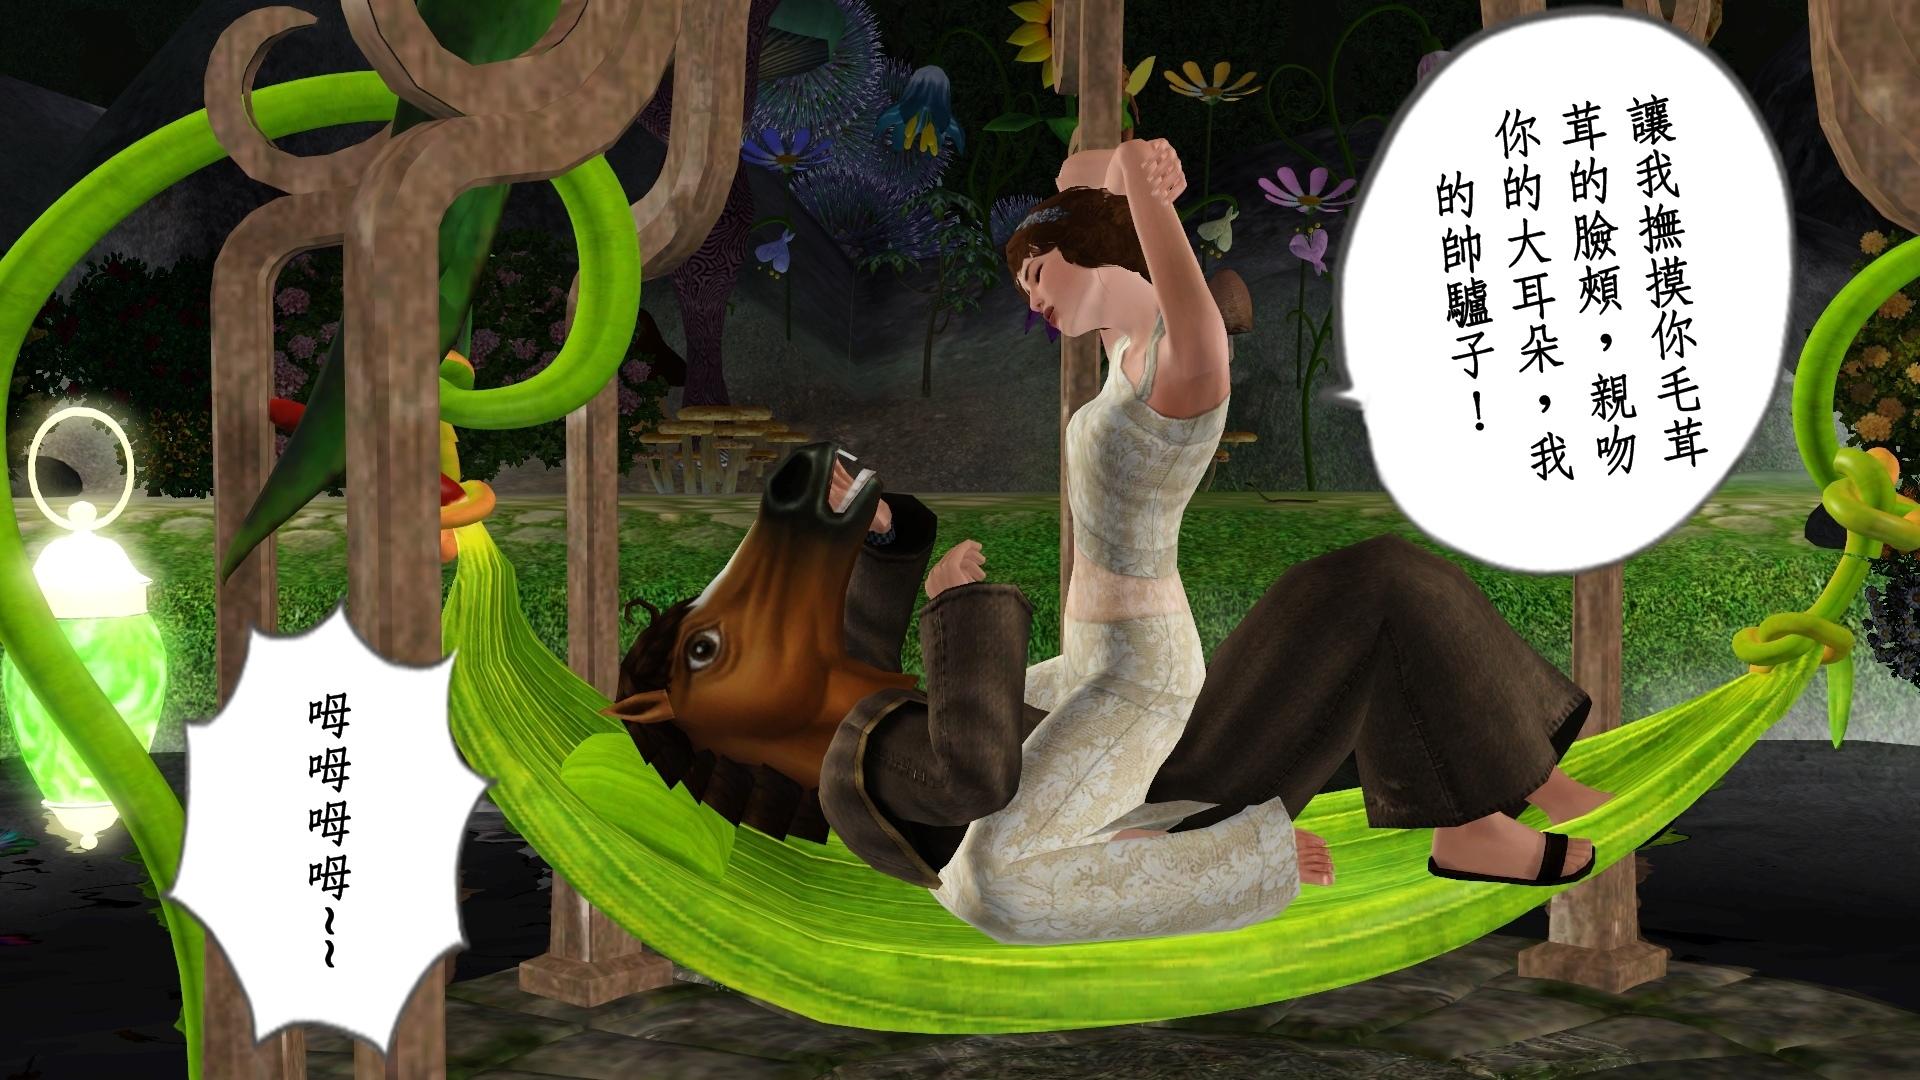 E22讓我撫摸你毛茸茸的臉頰,親吻你的大耳朵,我的帥驢子。.jpg